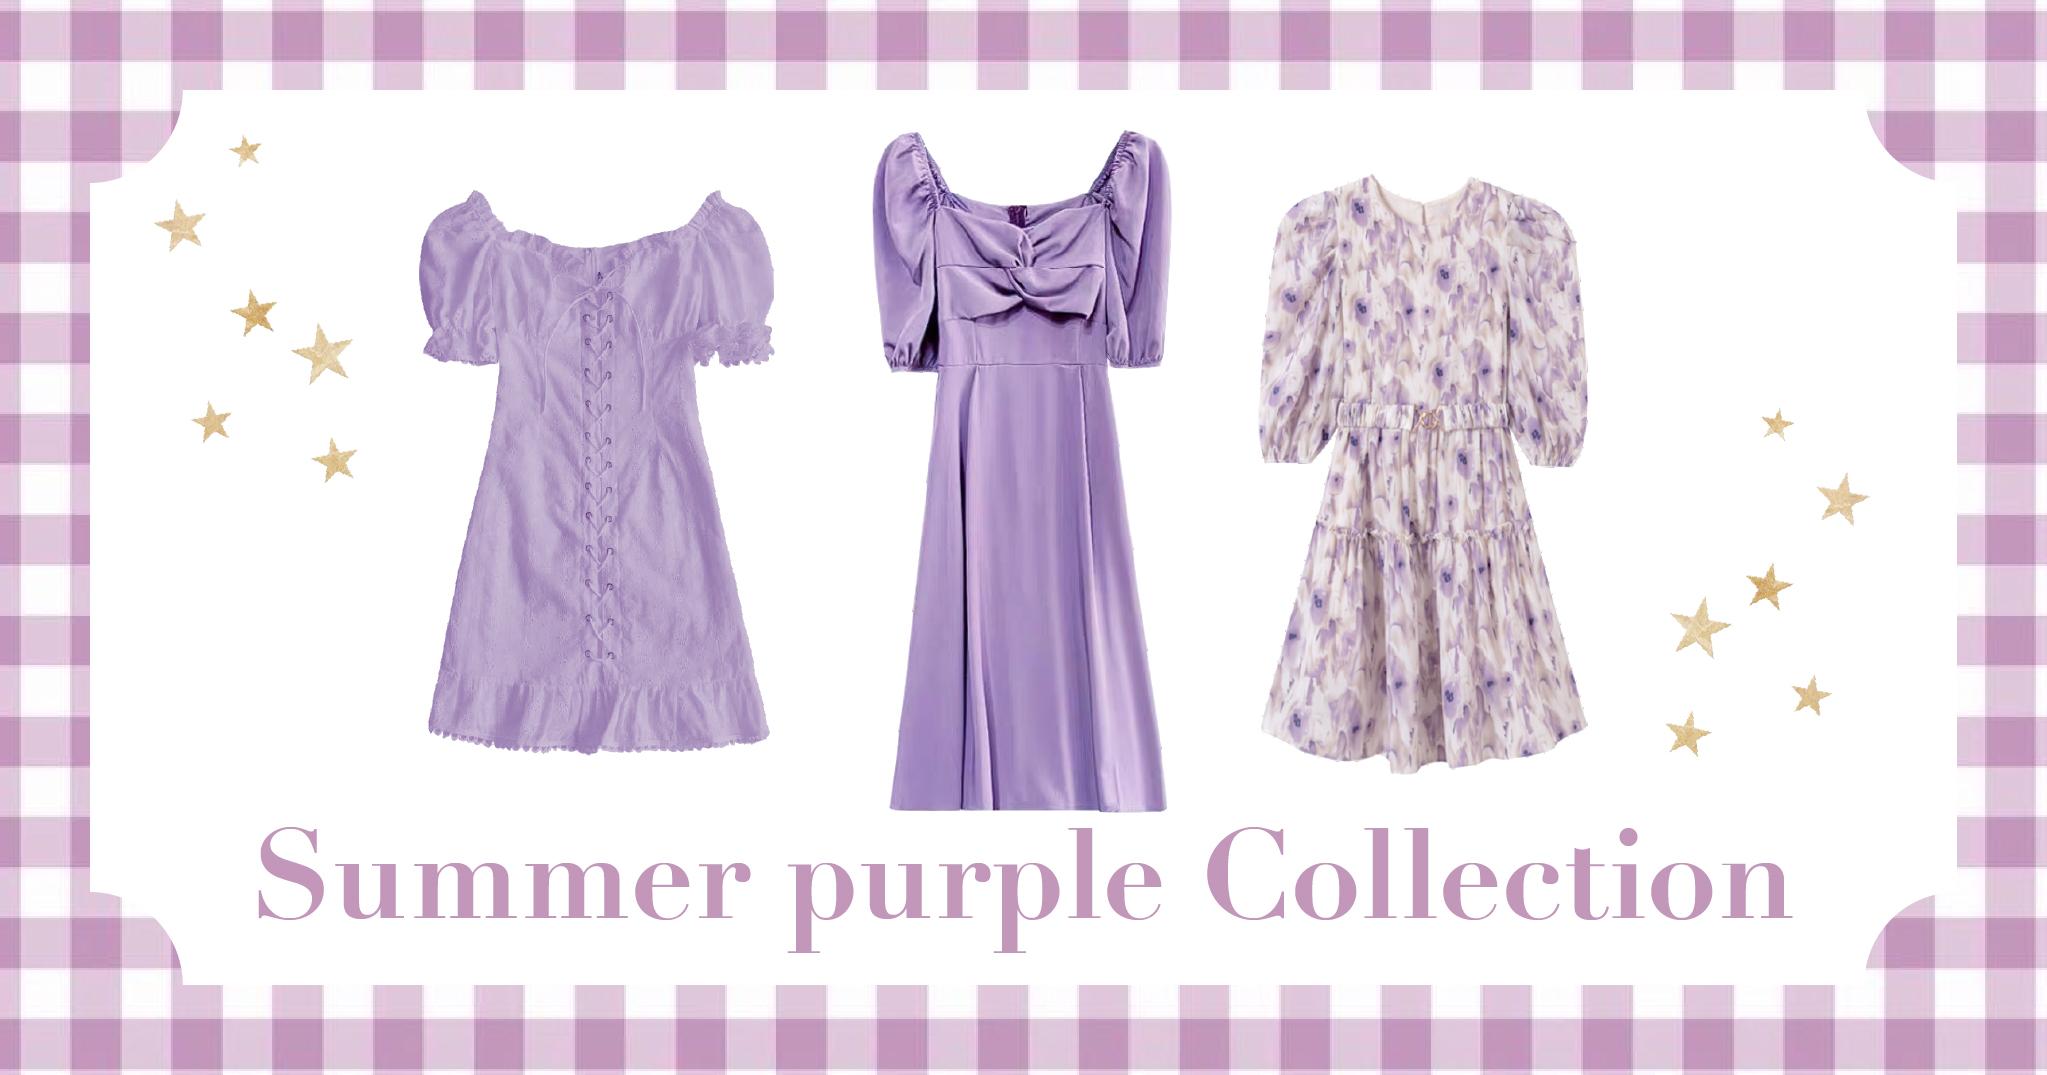 夏のパープルで差をつける❤︎Summer purple Collection